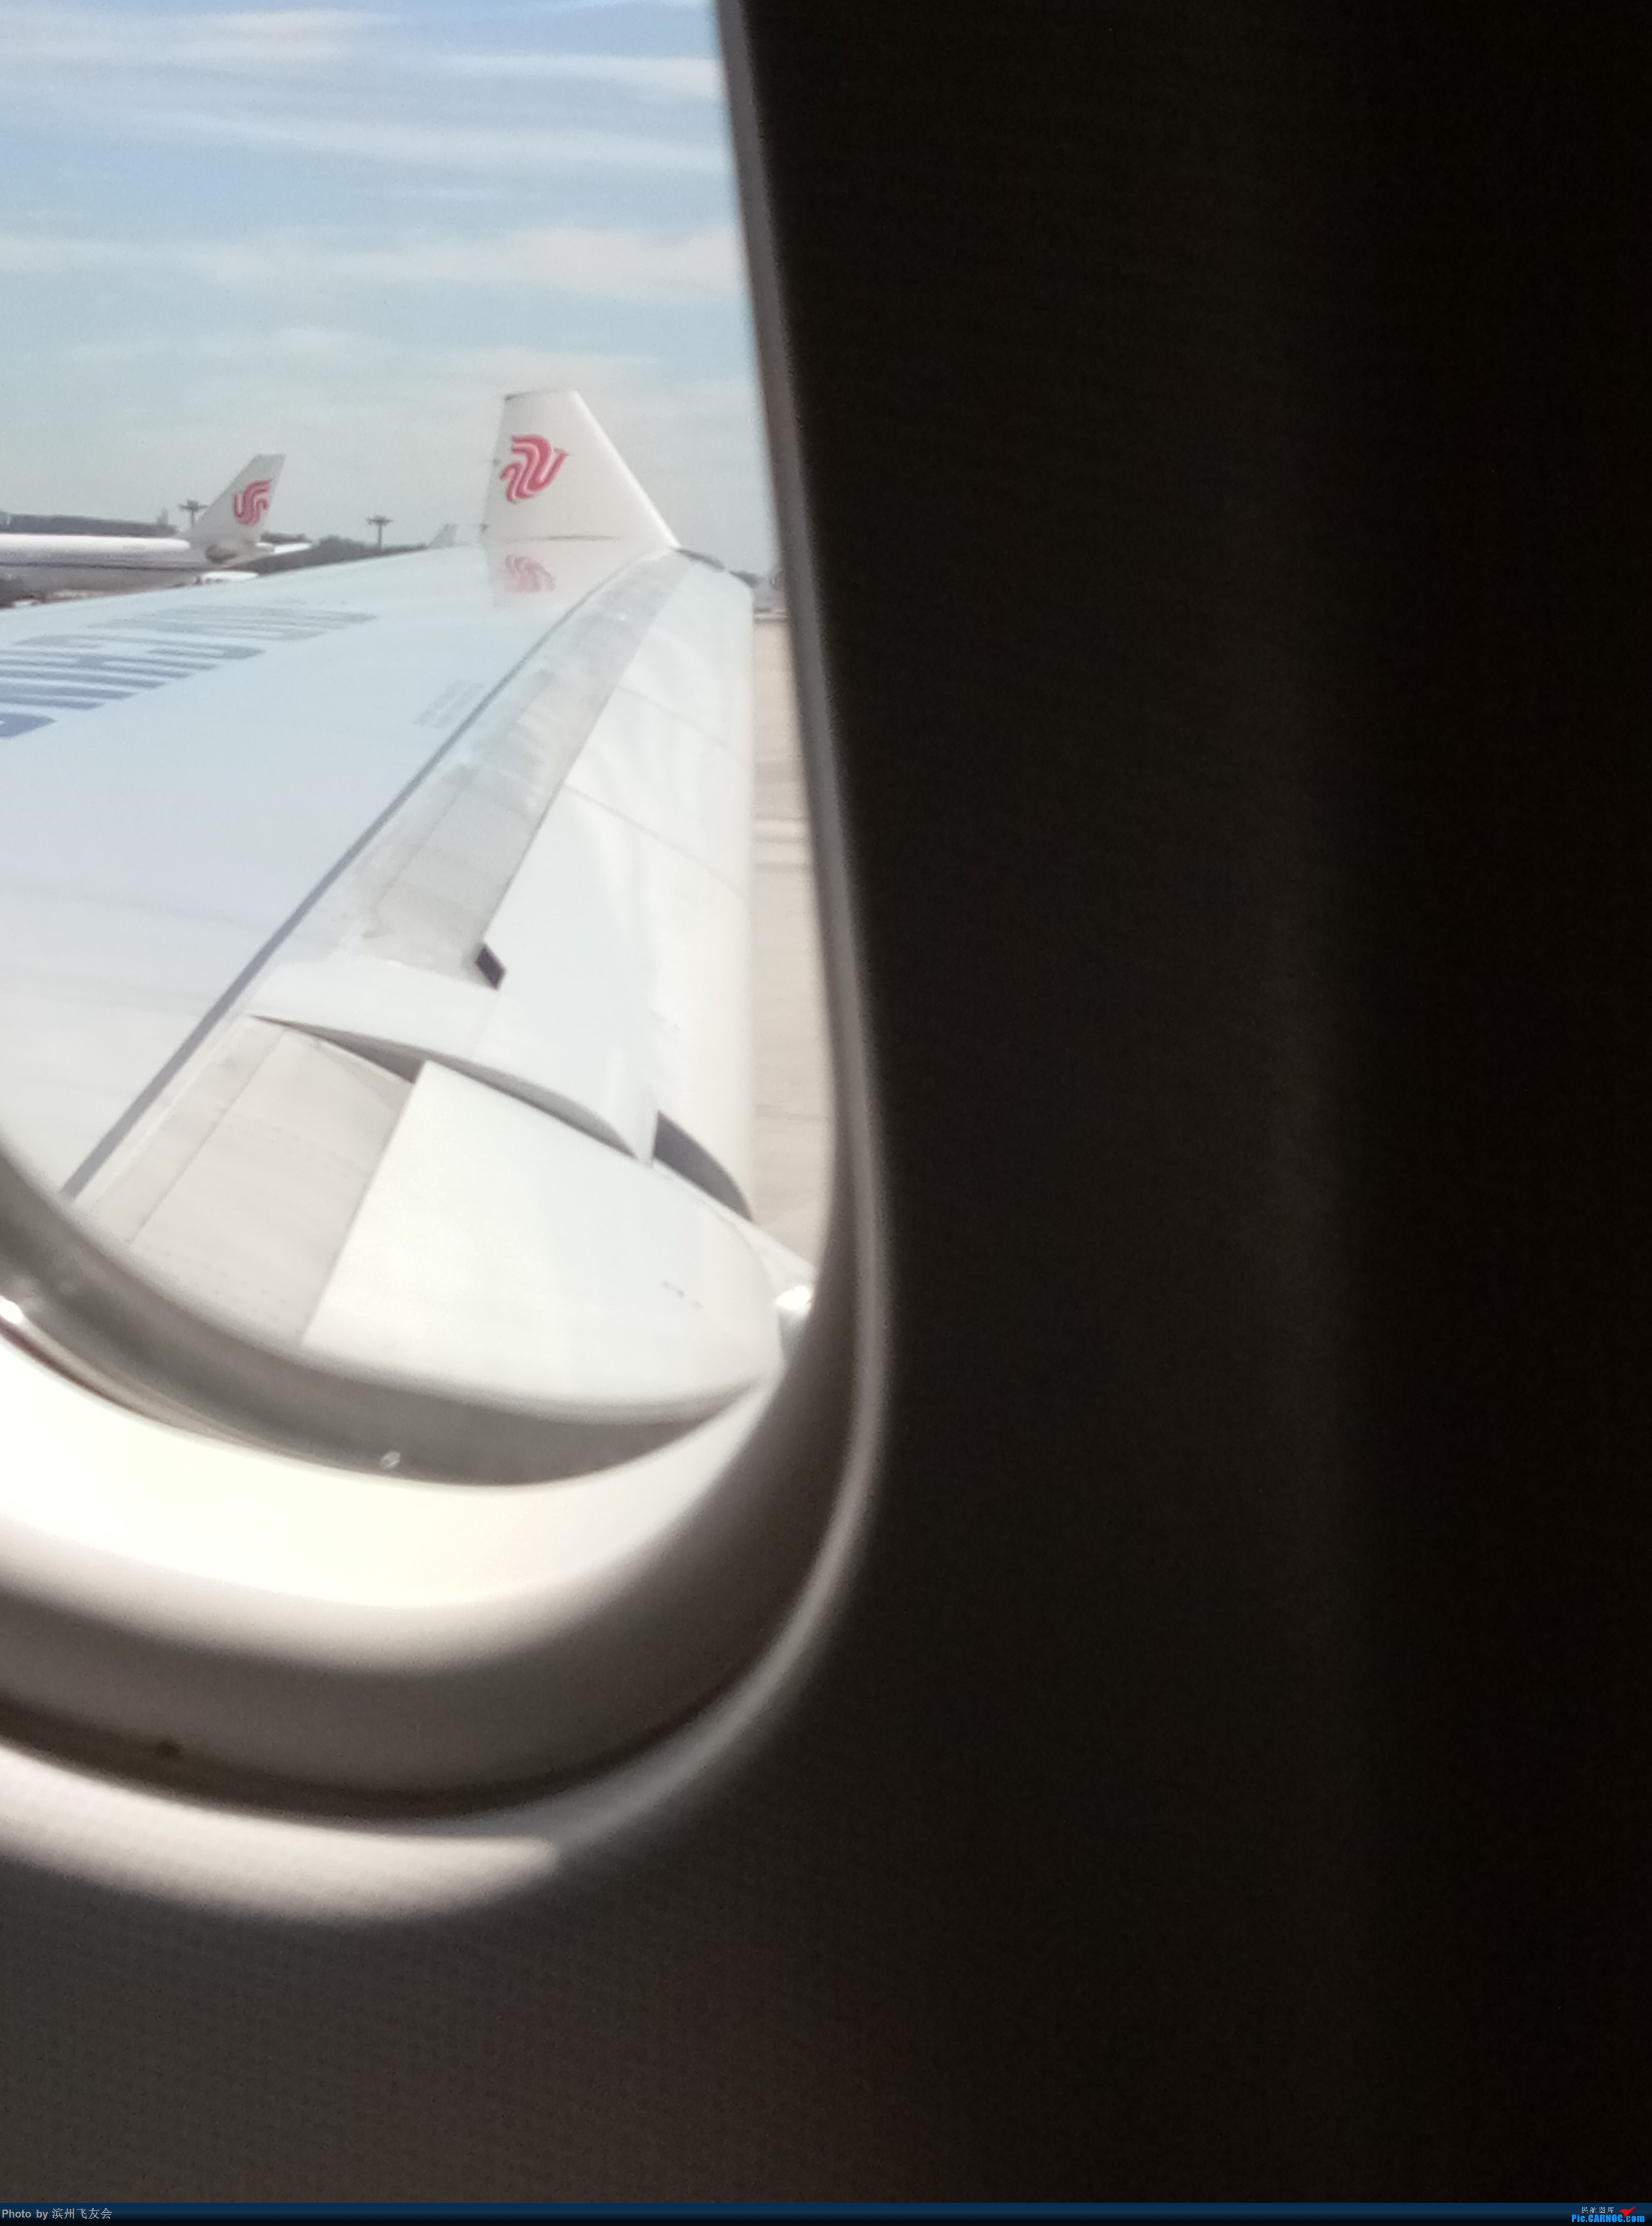 Re:[原创]逐梦路上――带你见识一个不一样的温哥华~ AIRBUS A330-300  北京首都国际机场T3